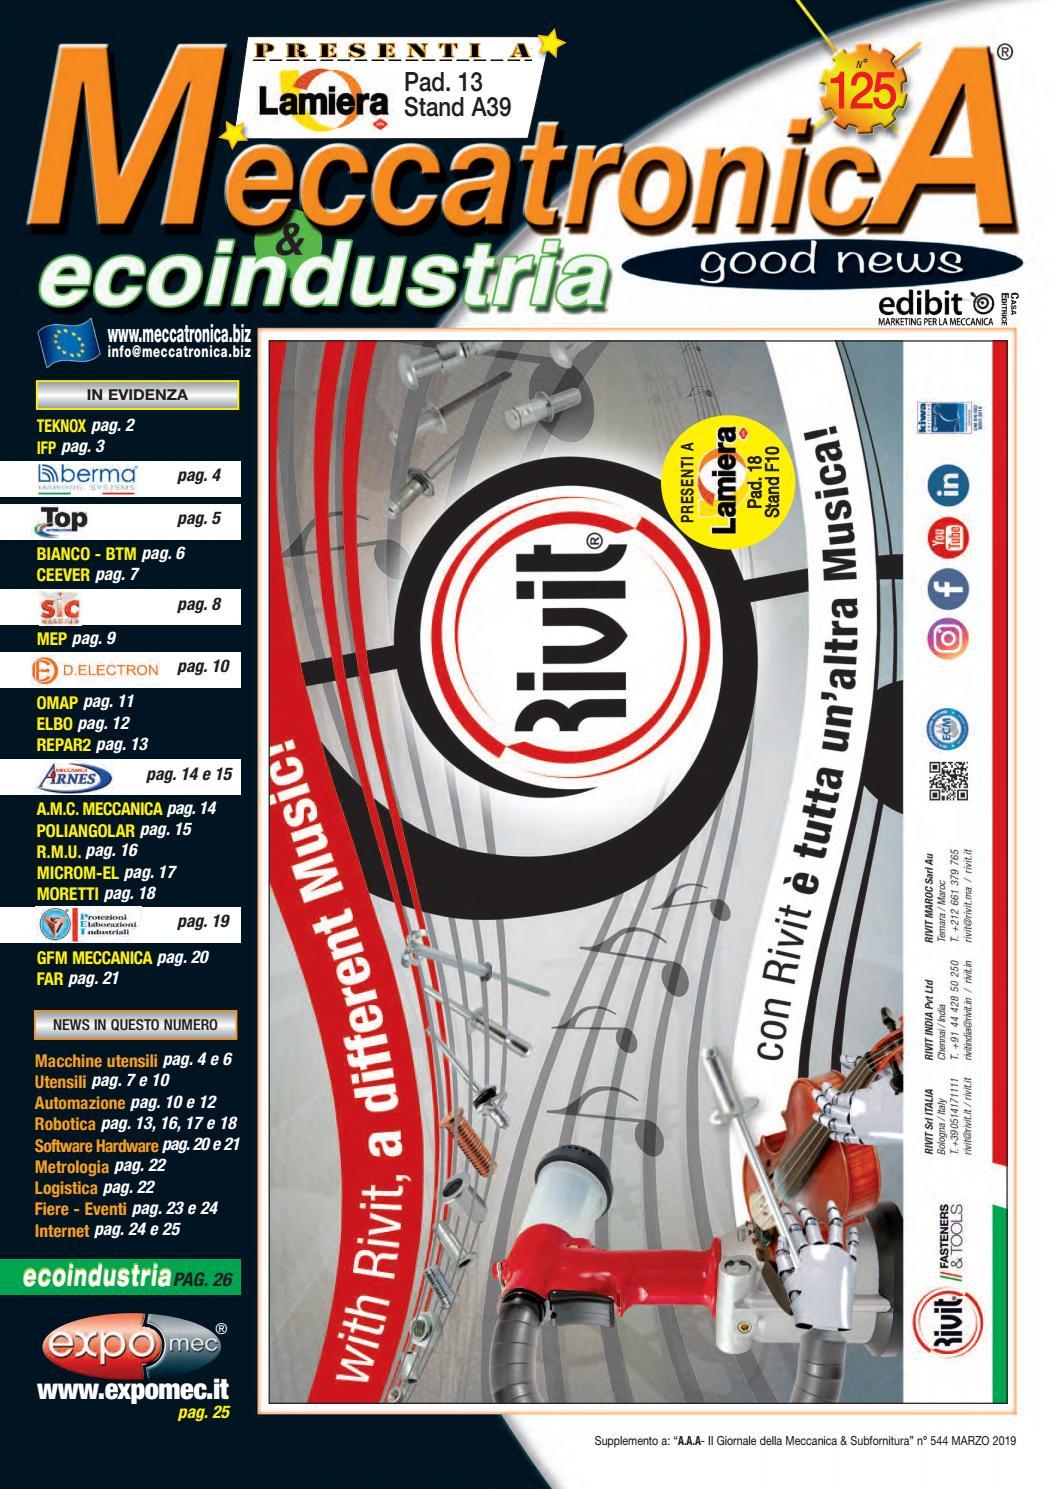 Automazione E Sicurezza Gorgonzola meccatronica 125 by arianna ceccaroni - issuu